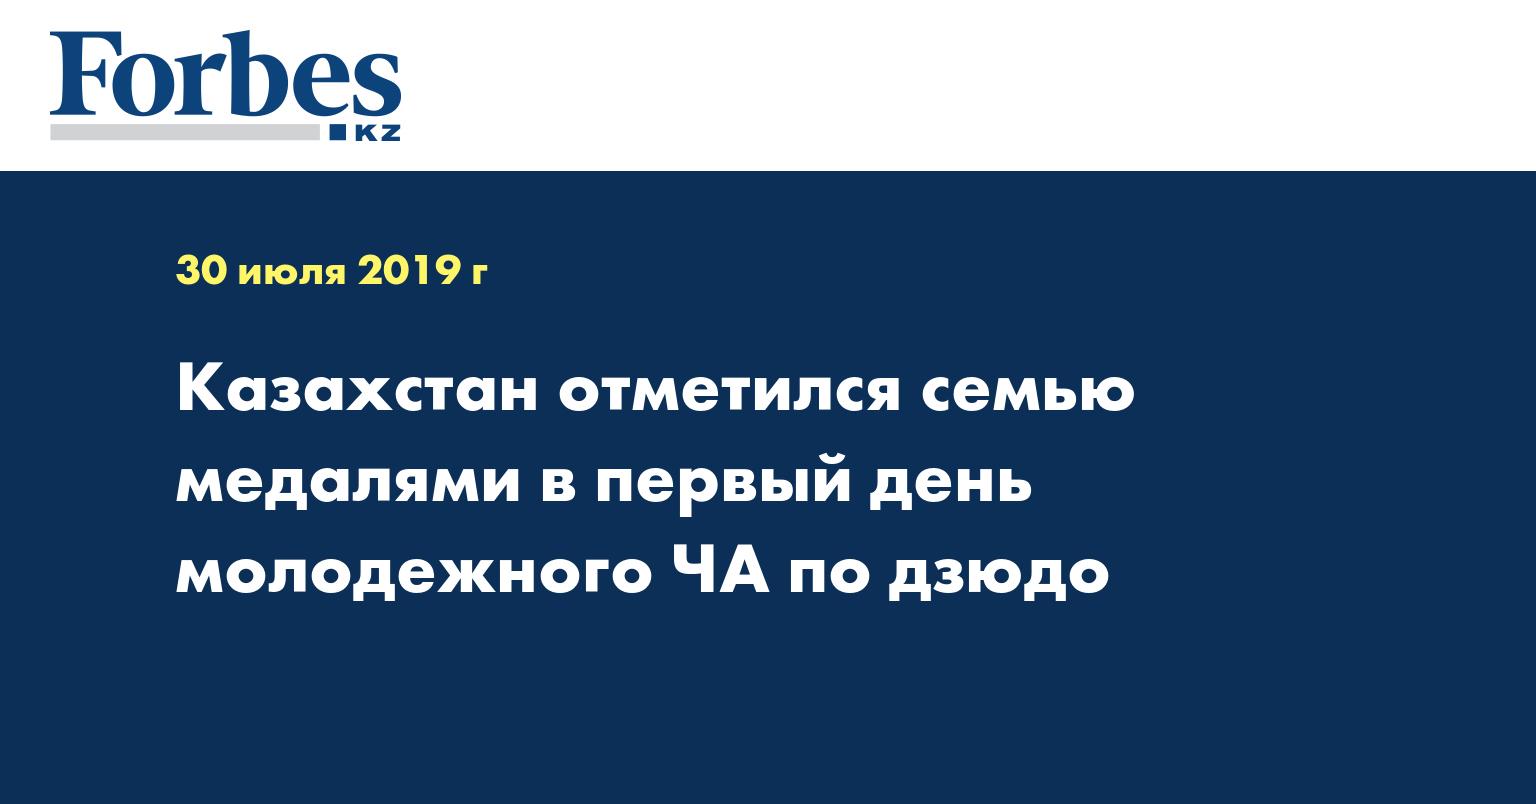 Казахстан отметился семью медалями в первый день молодёжного ЧА по дзюдо